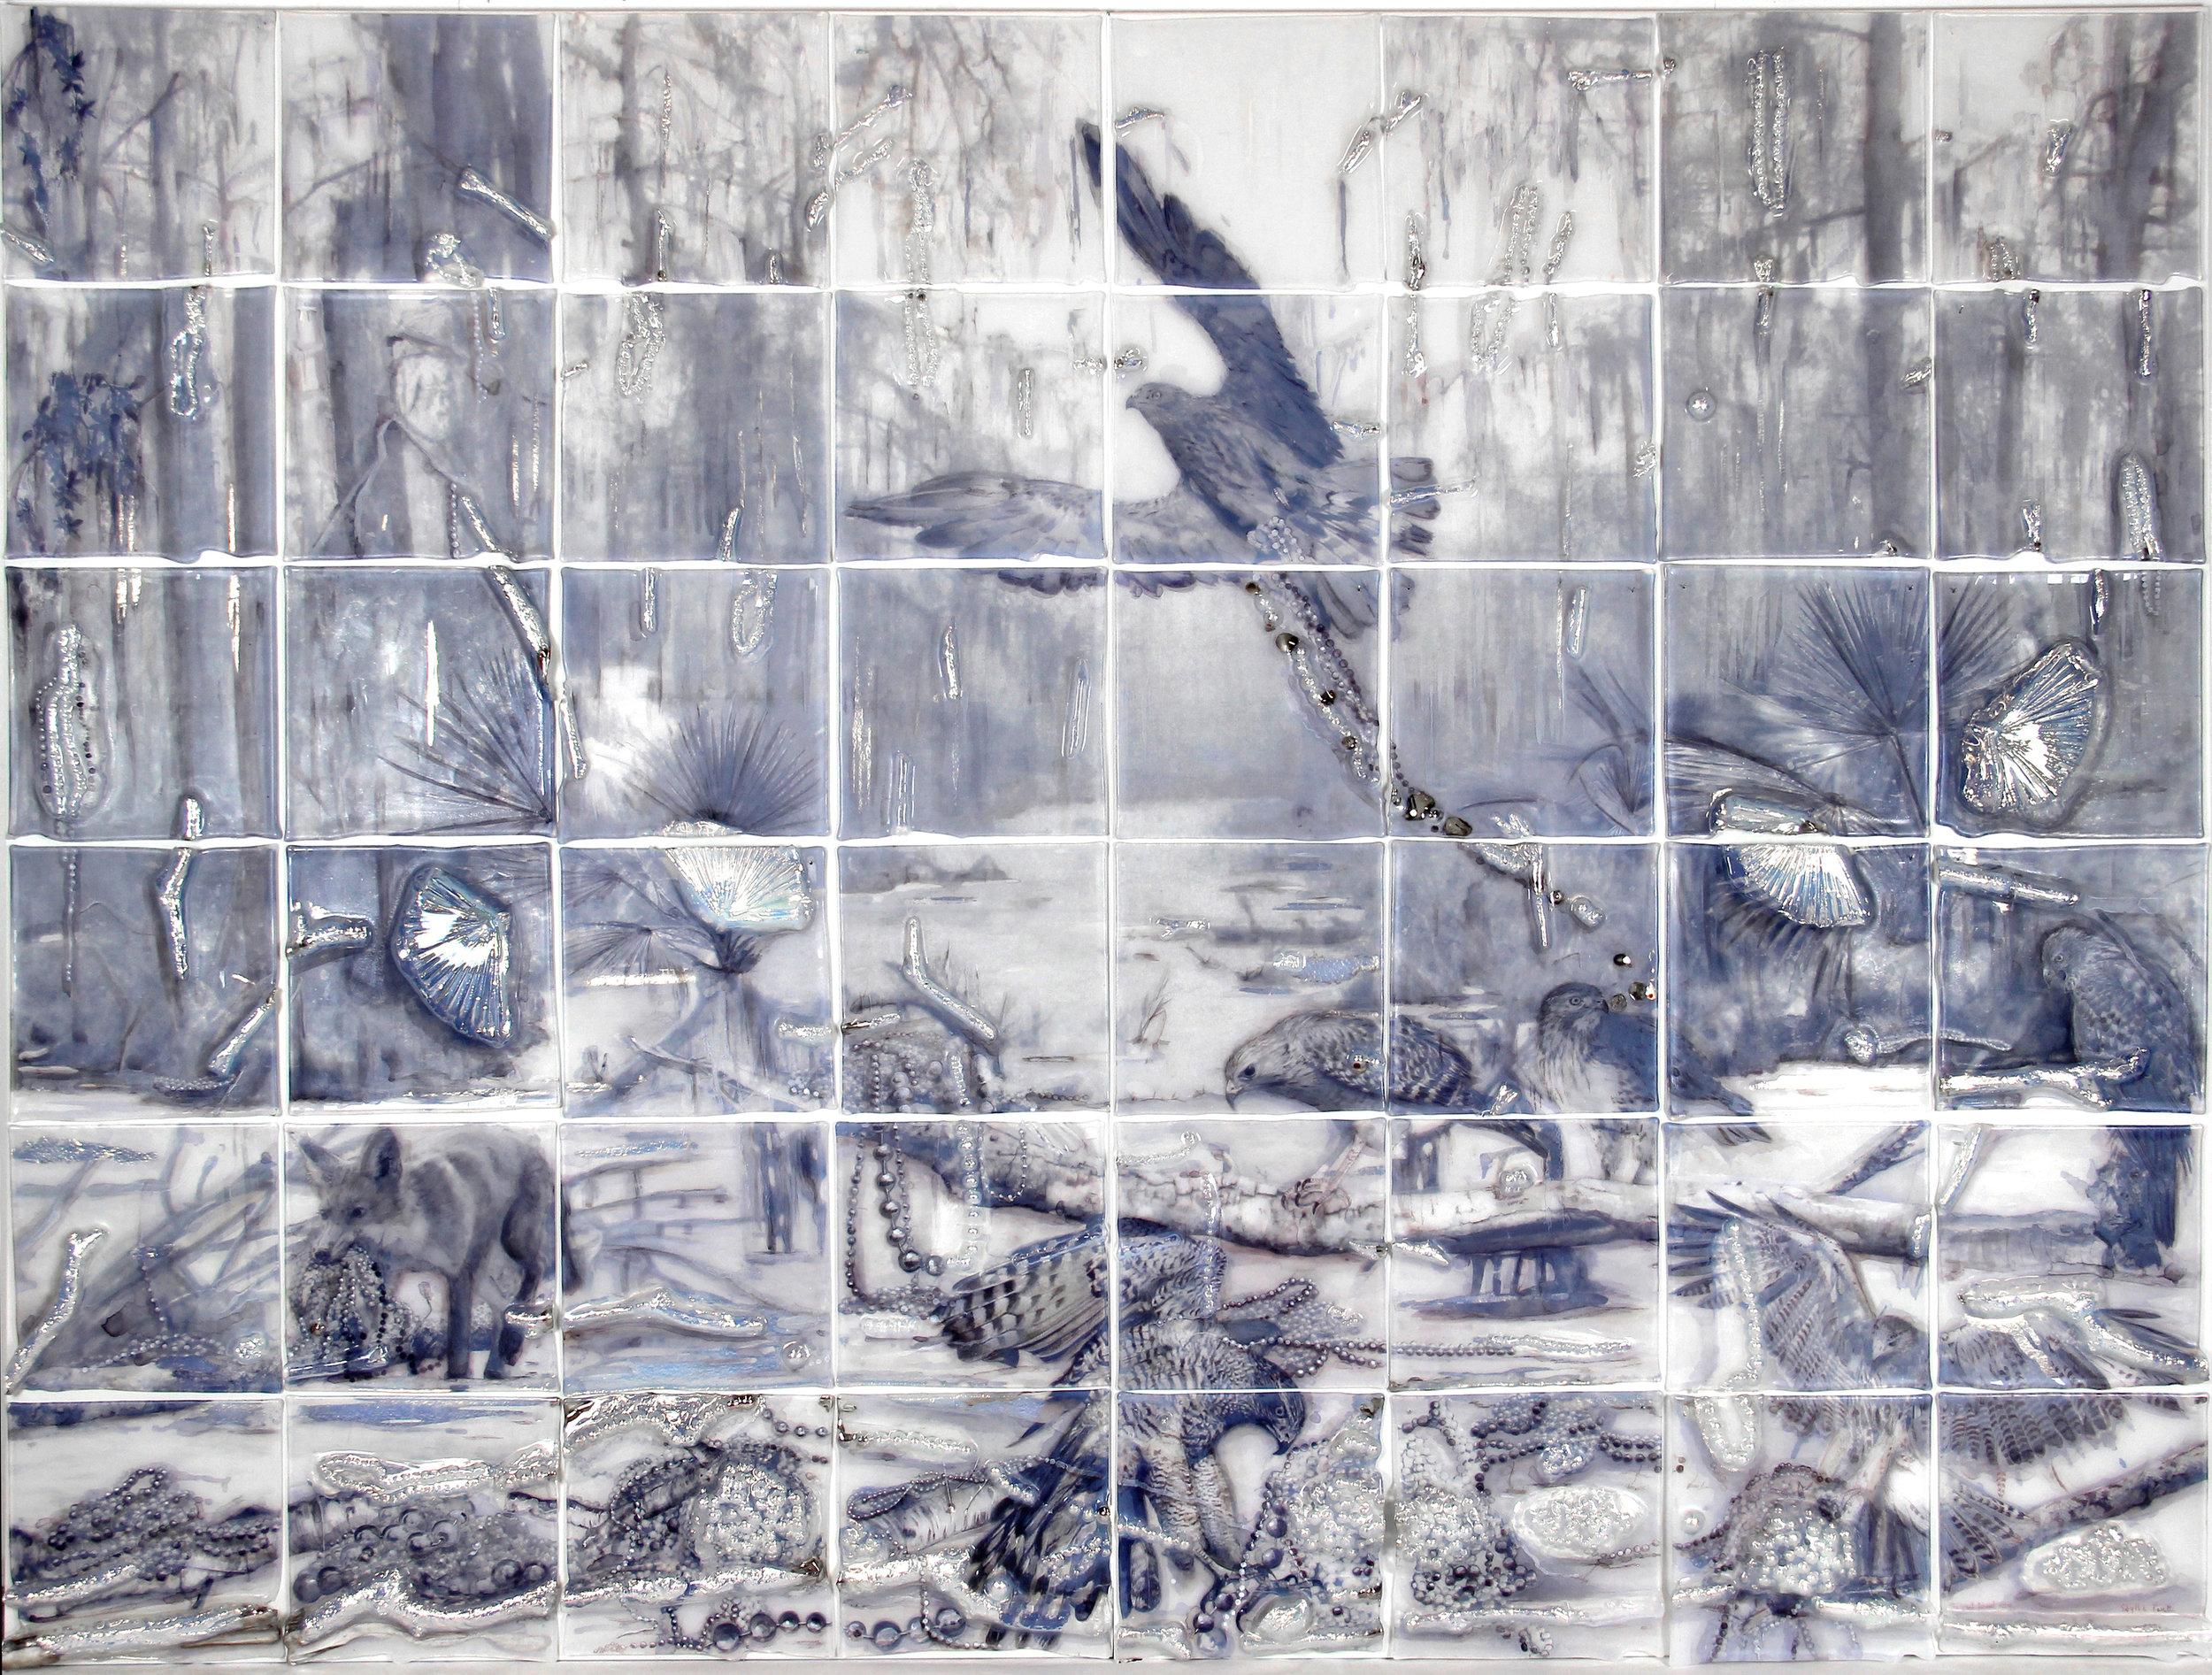 Image:  Dismal Swamp